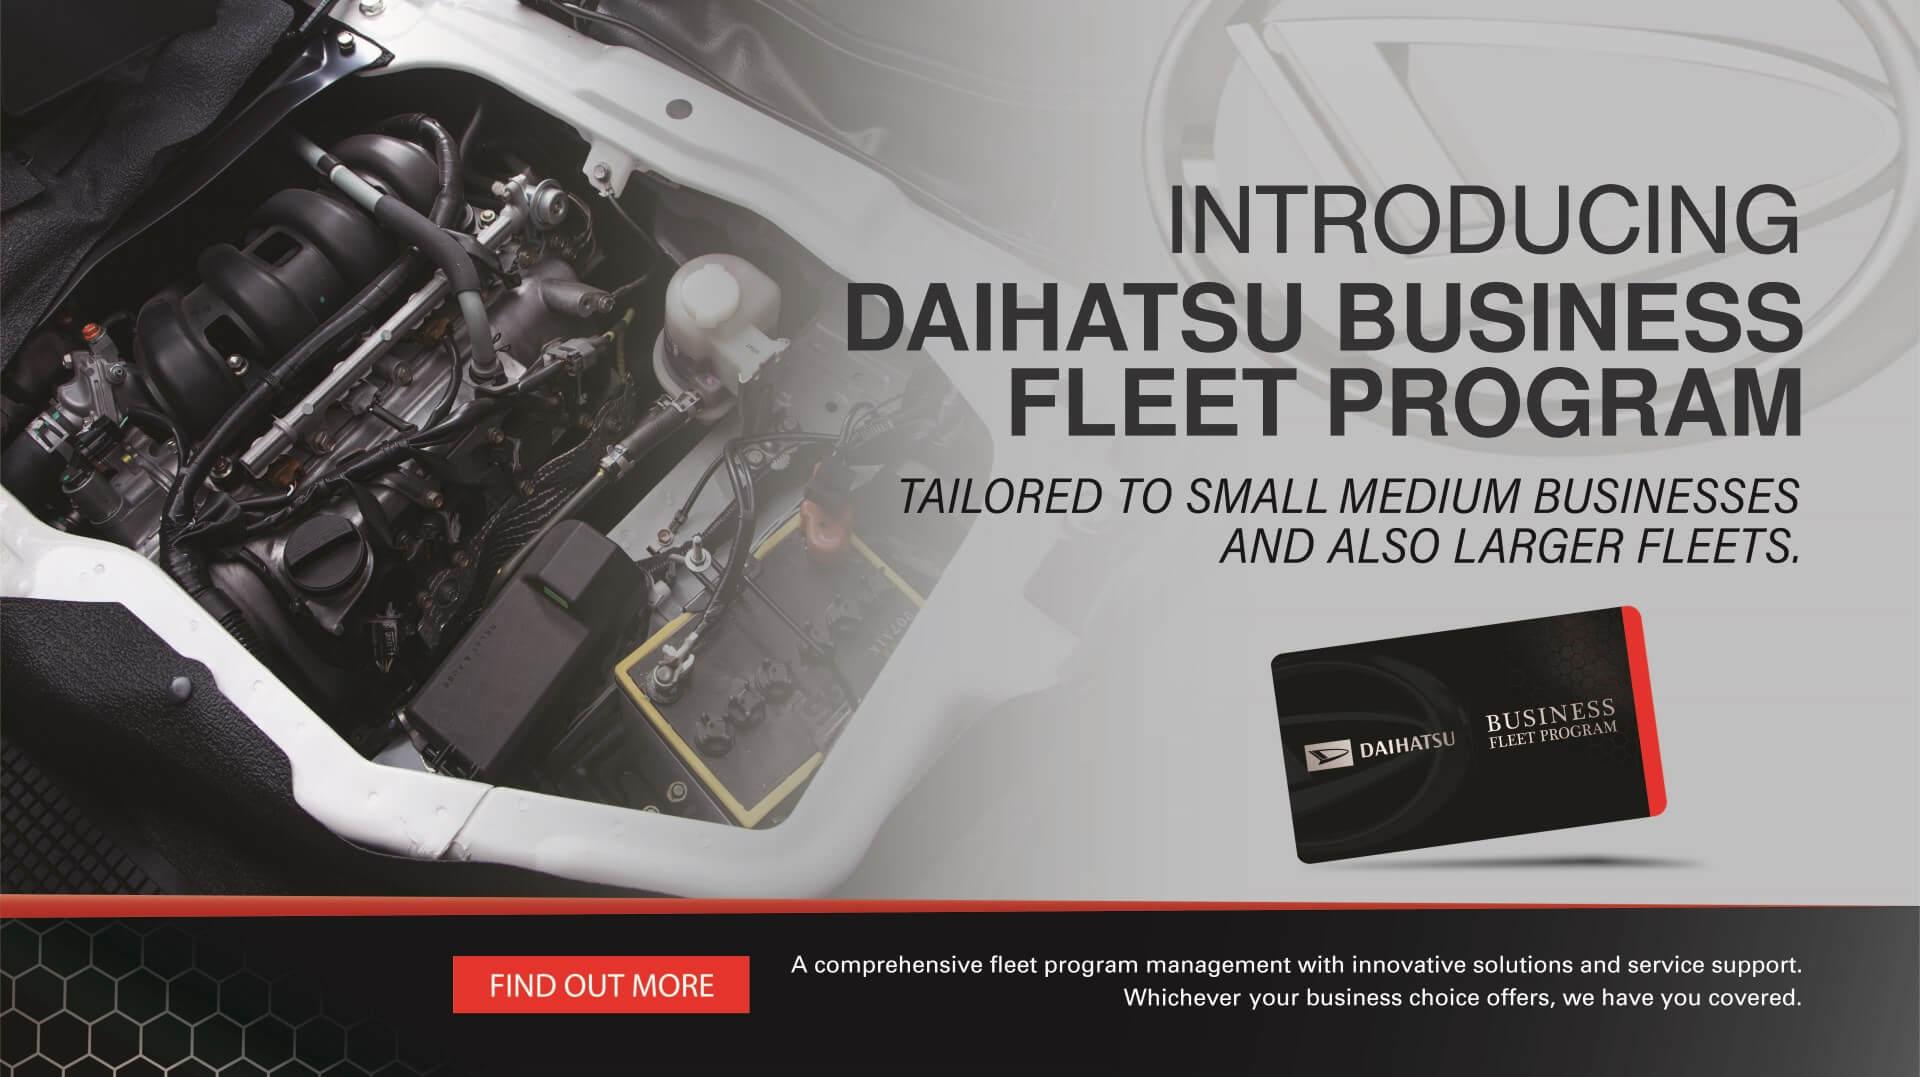 Daihatsu (M) Sdn Bhd